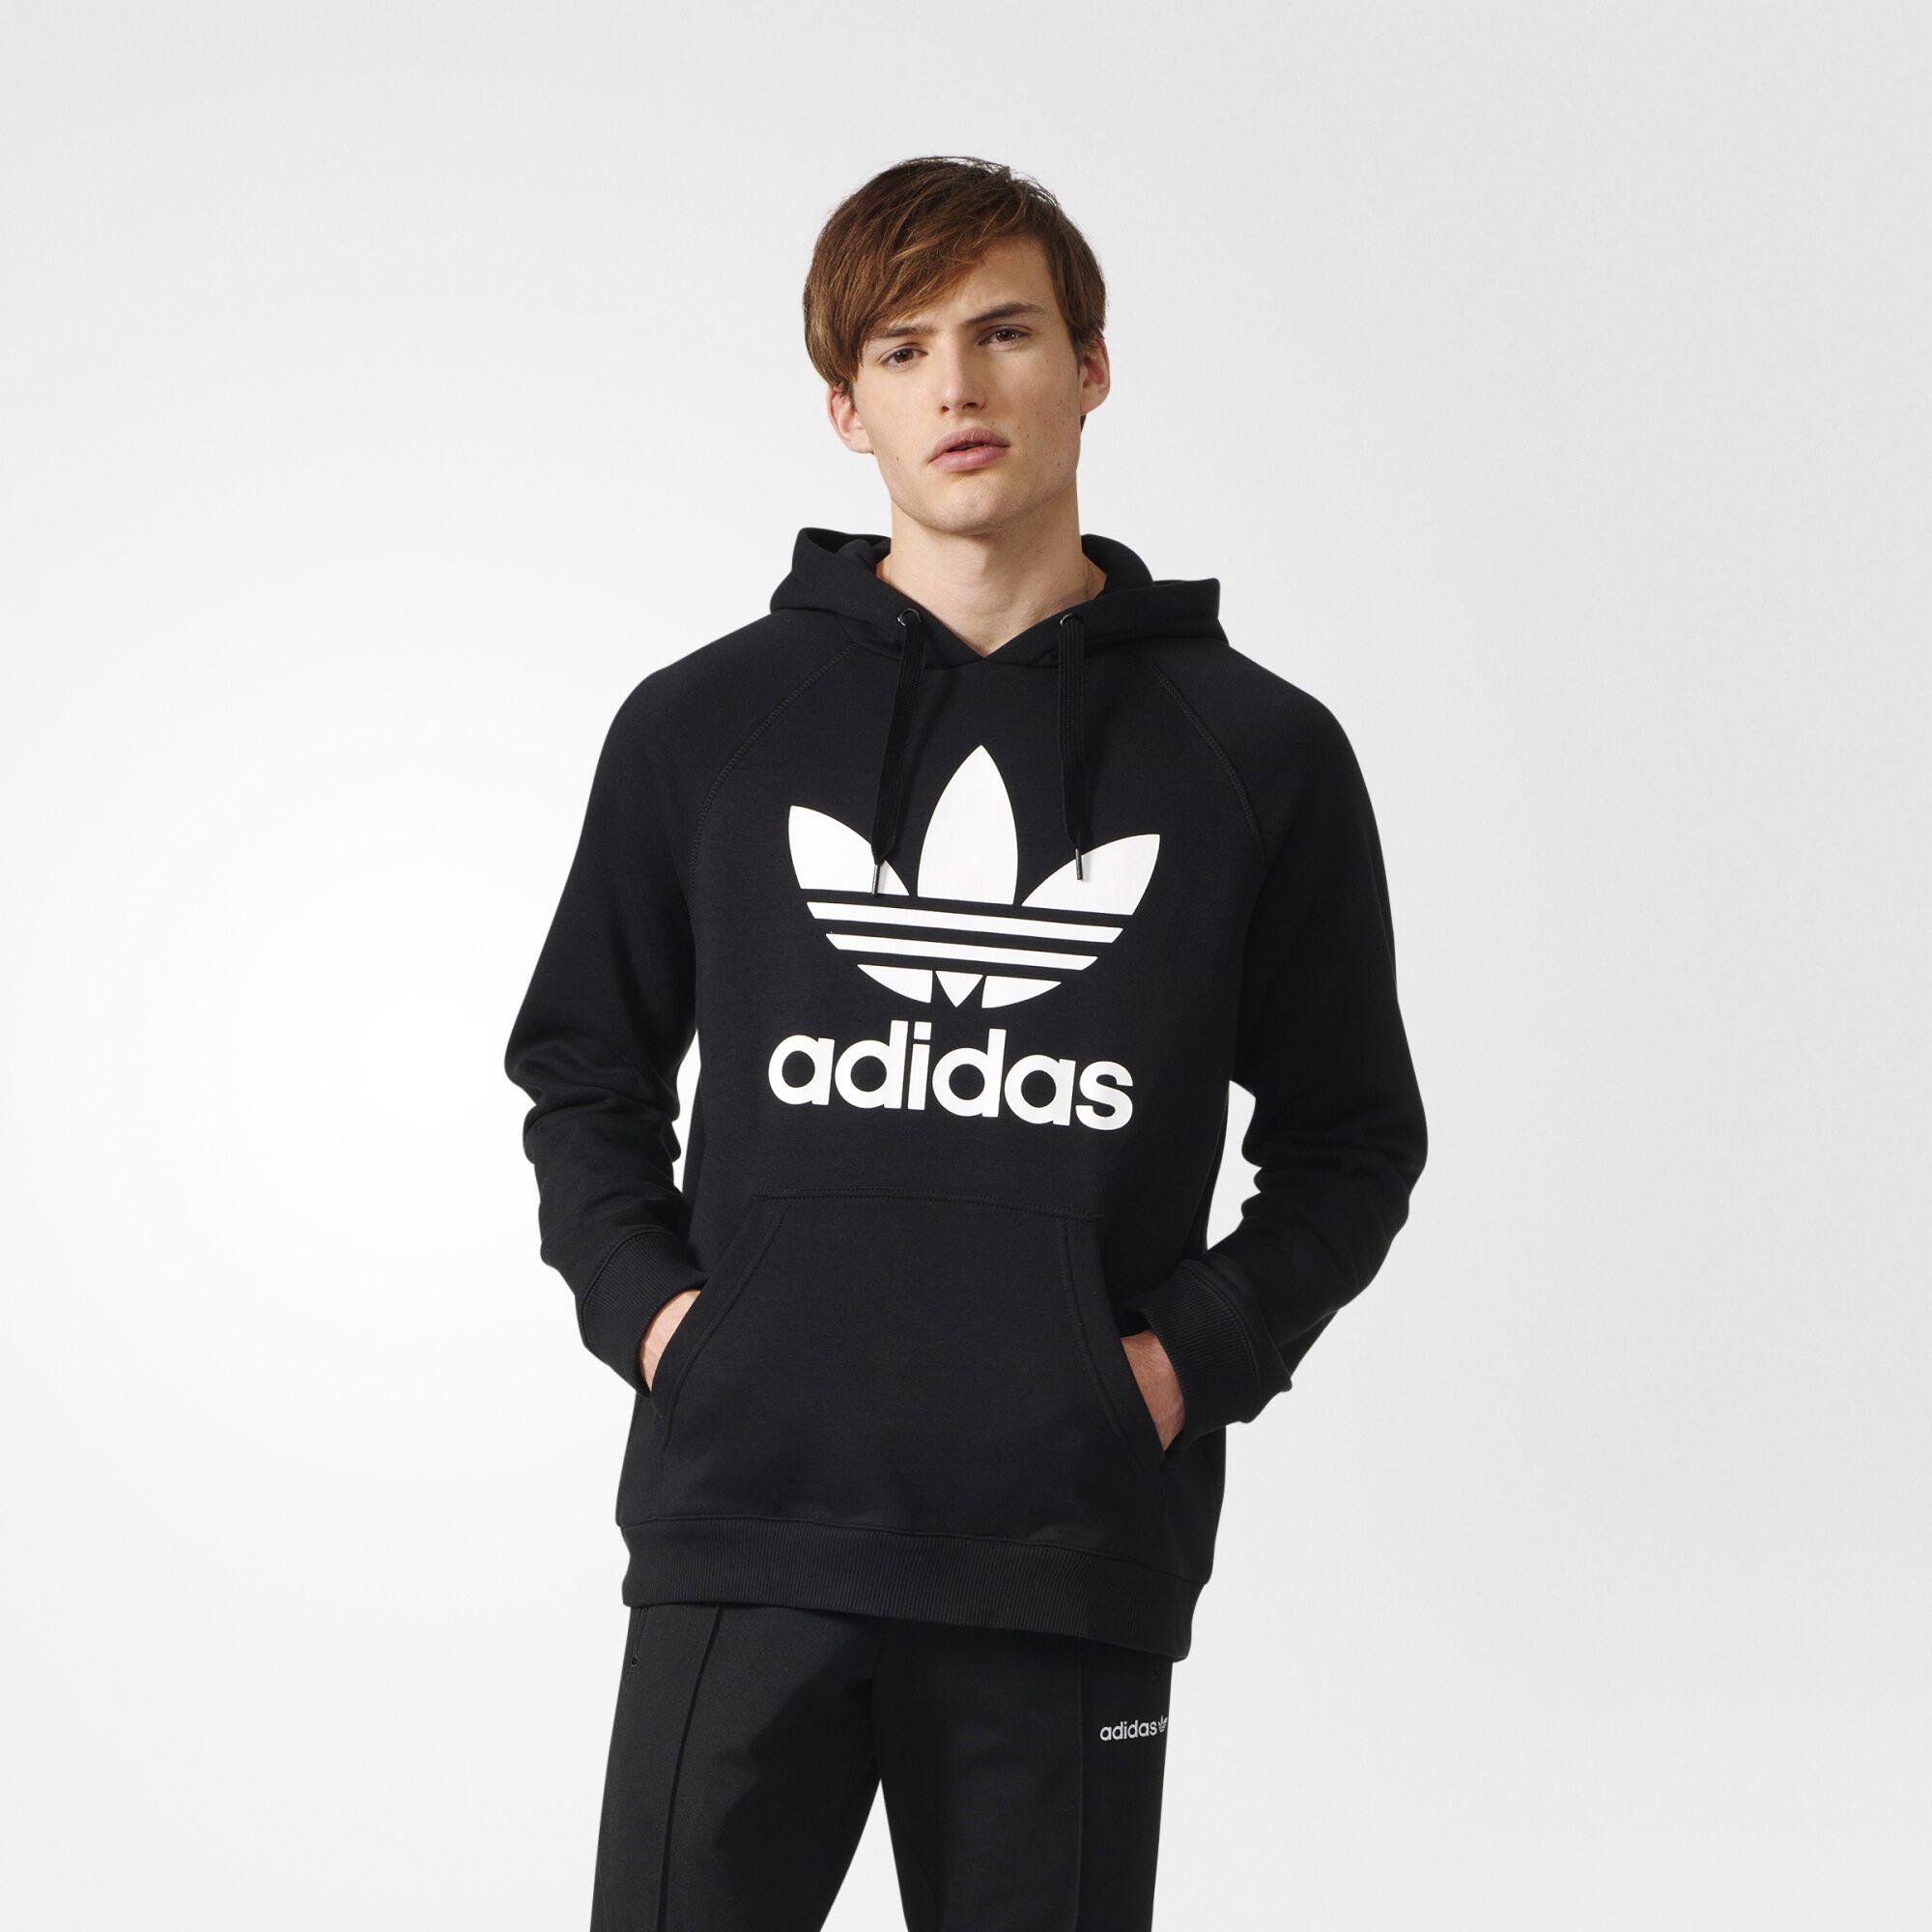 adidas Trefoil Hoodie - Black   adidas US